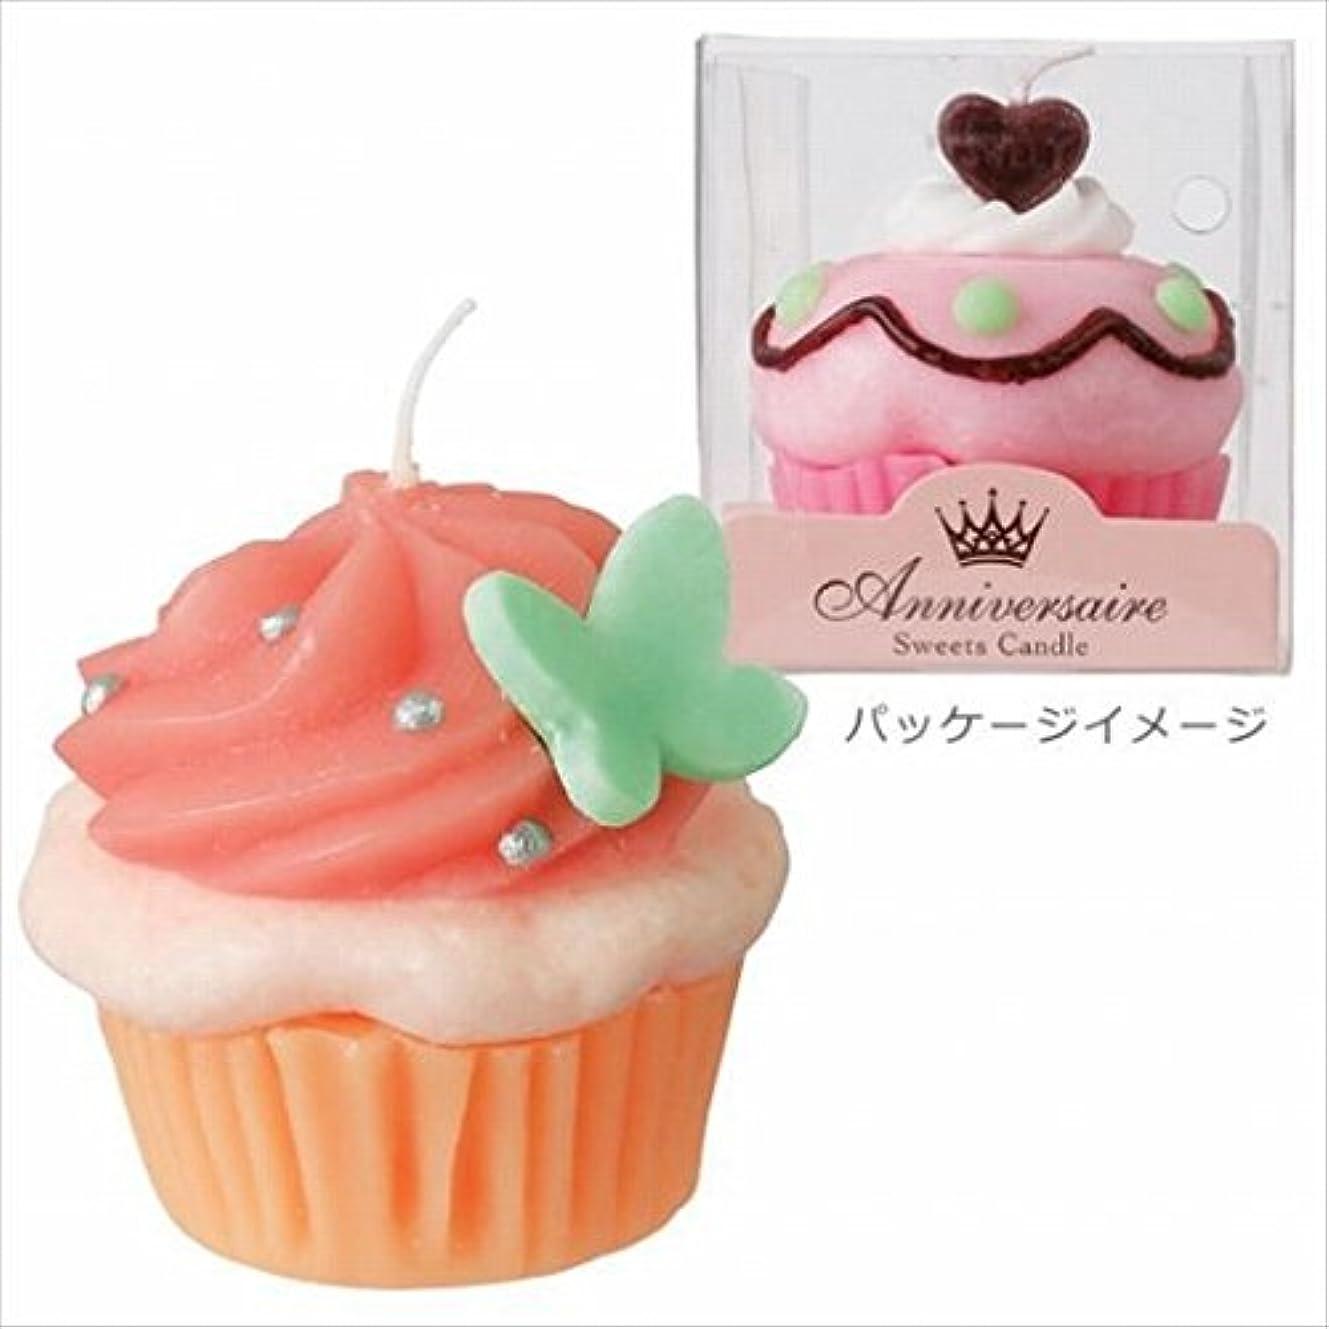 大人罹患率プールカメヤマキャンドル( kameyama candle ) カップケーキキャンドル 「 ホイップベリー 」